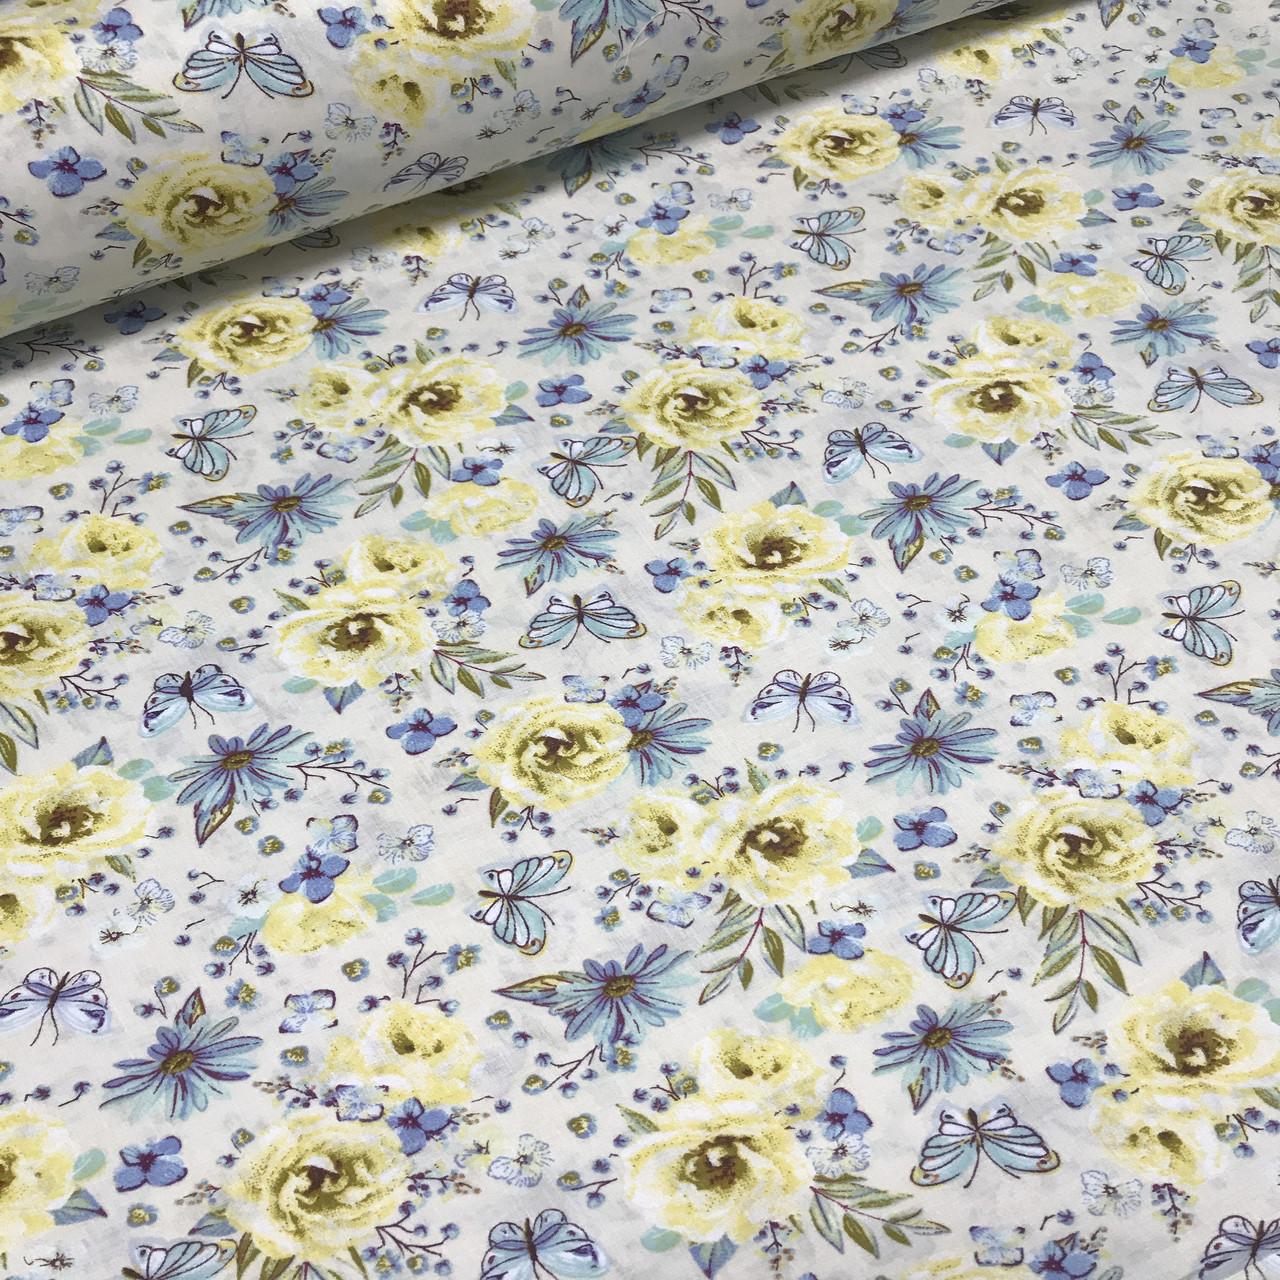 Хлопковая ткань польская цветы и бабочки голубые и желтые №118